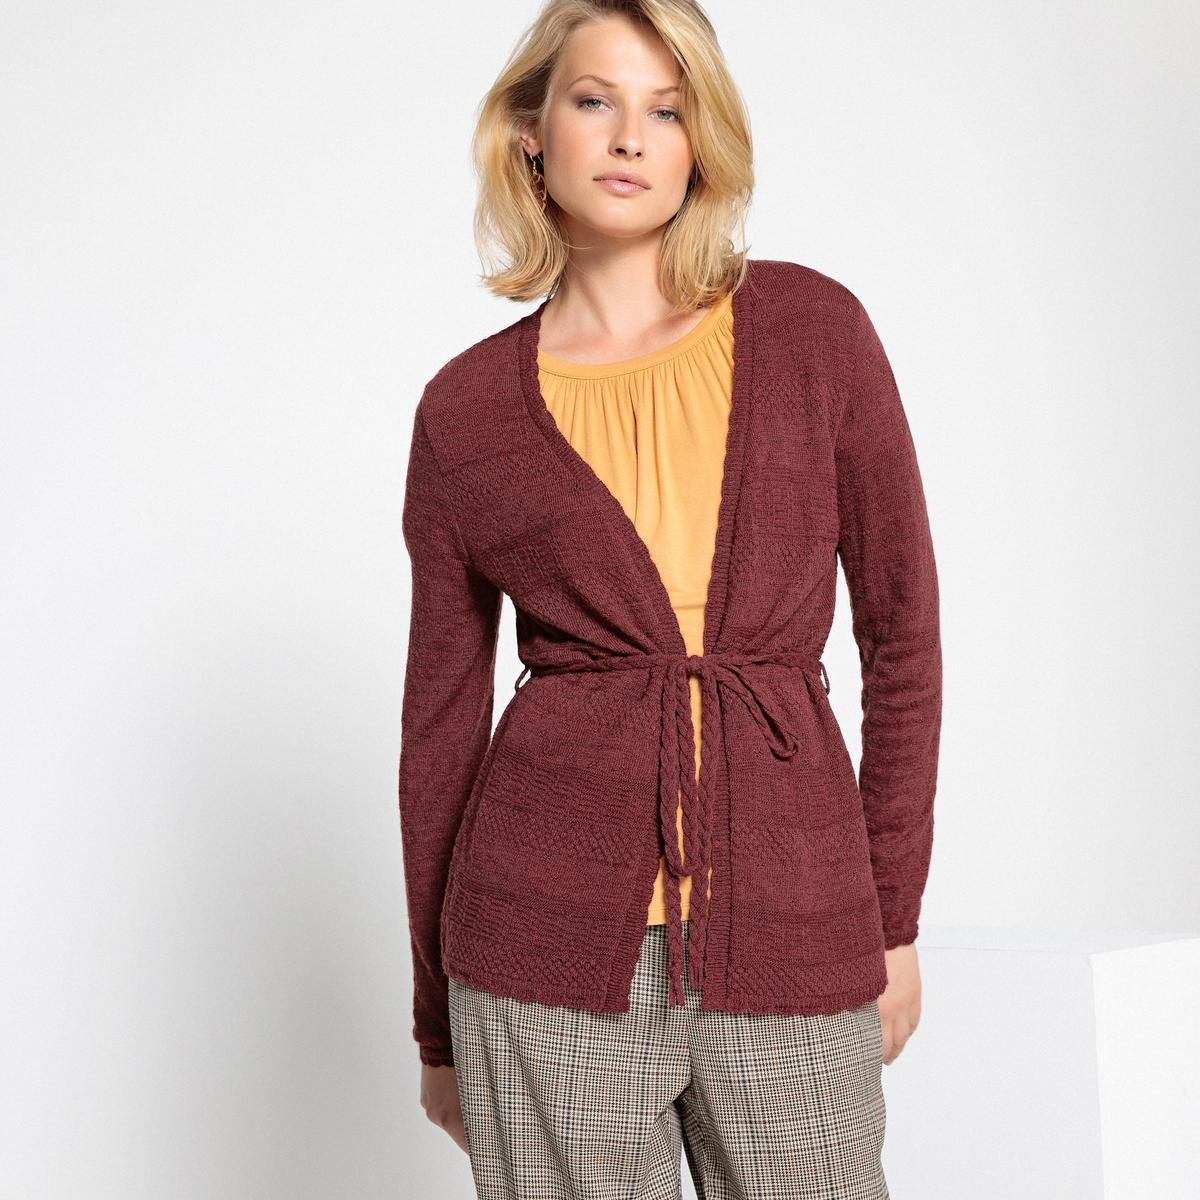 Imagen secundaria de producto de Chaqueta de punto abierta con cuello de pico - Anne weyburn